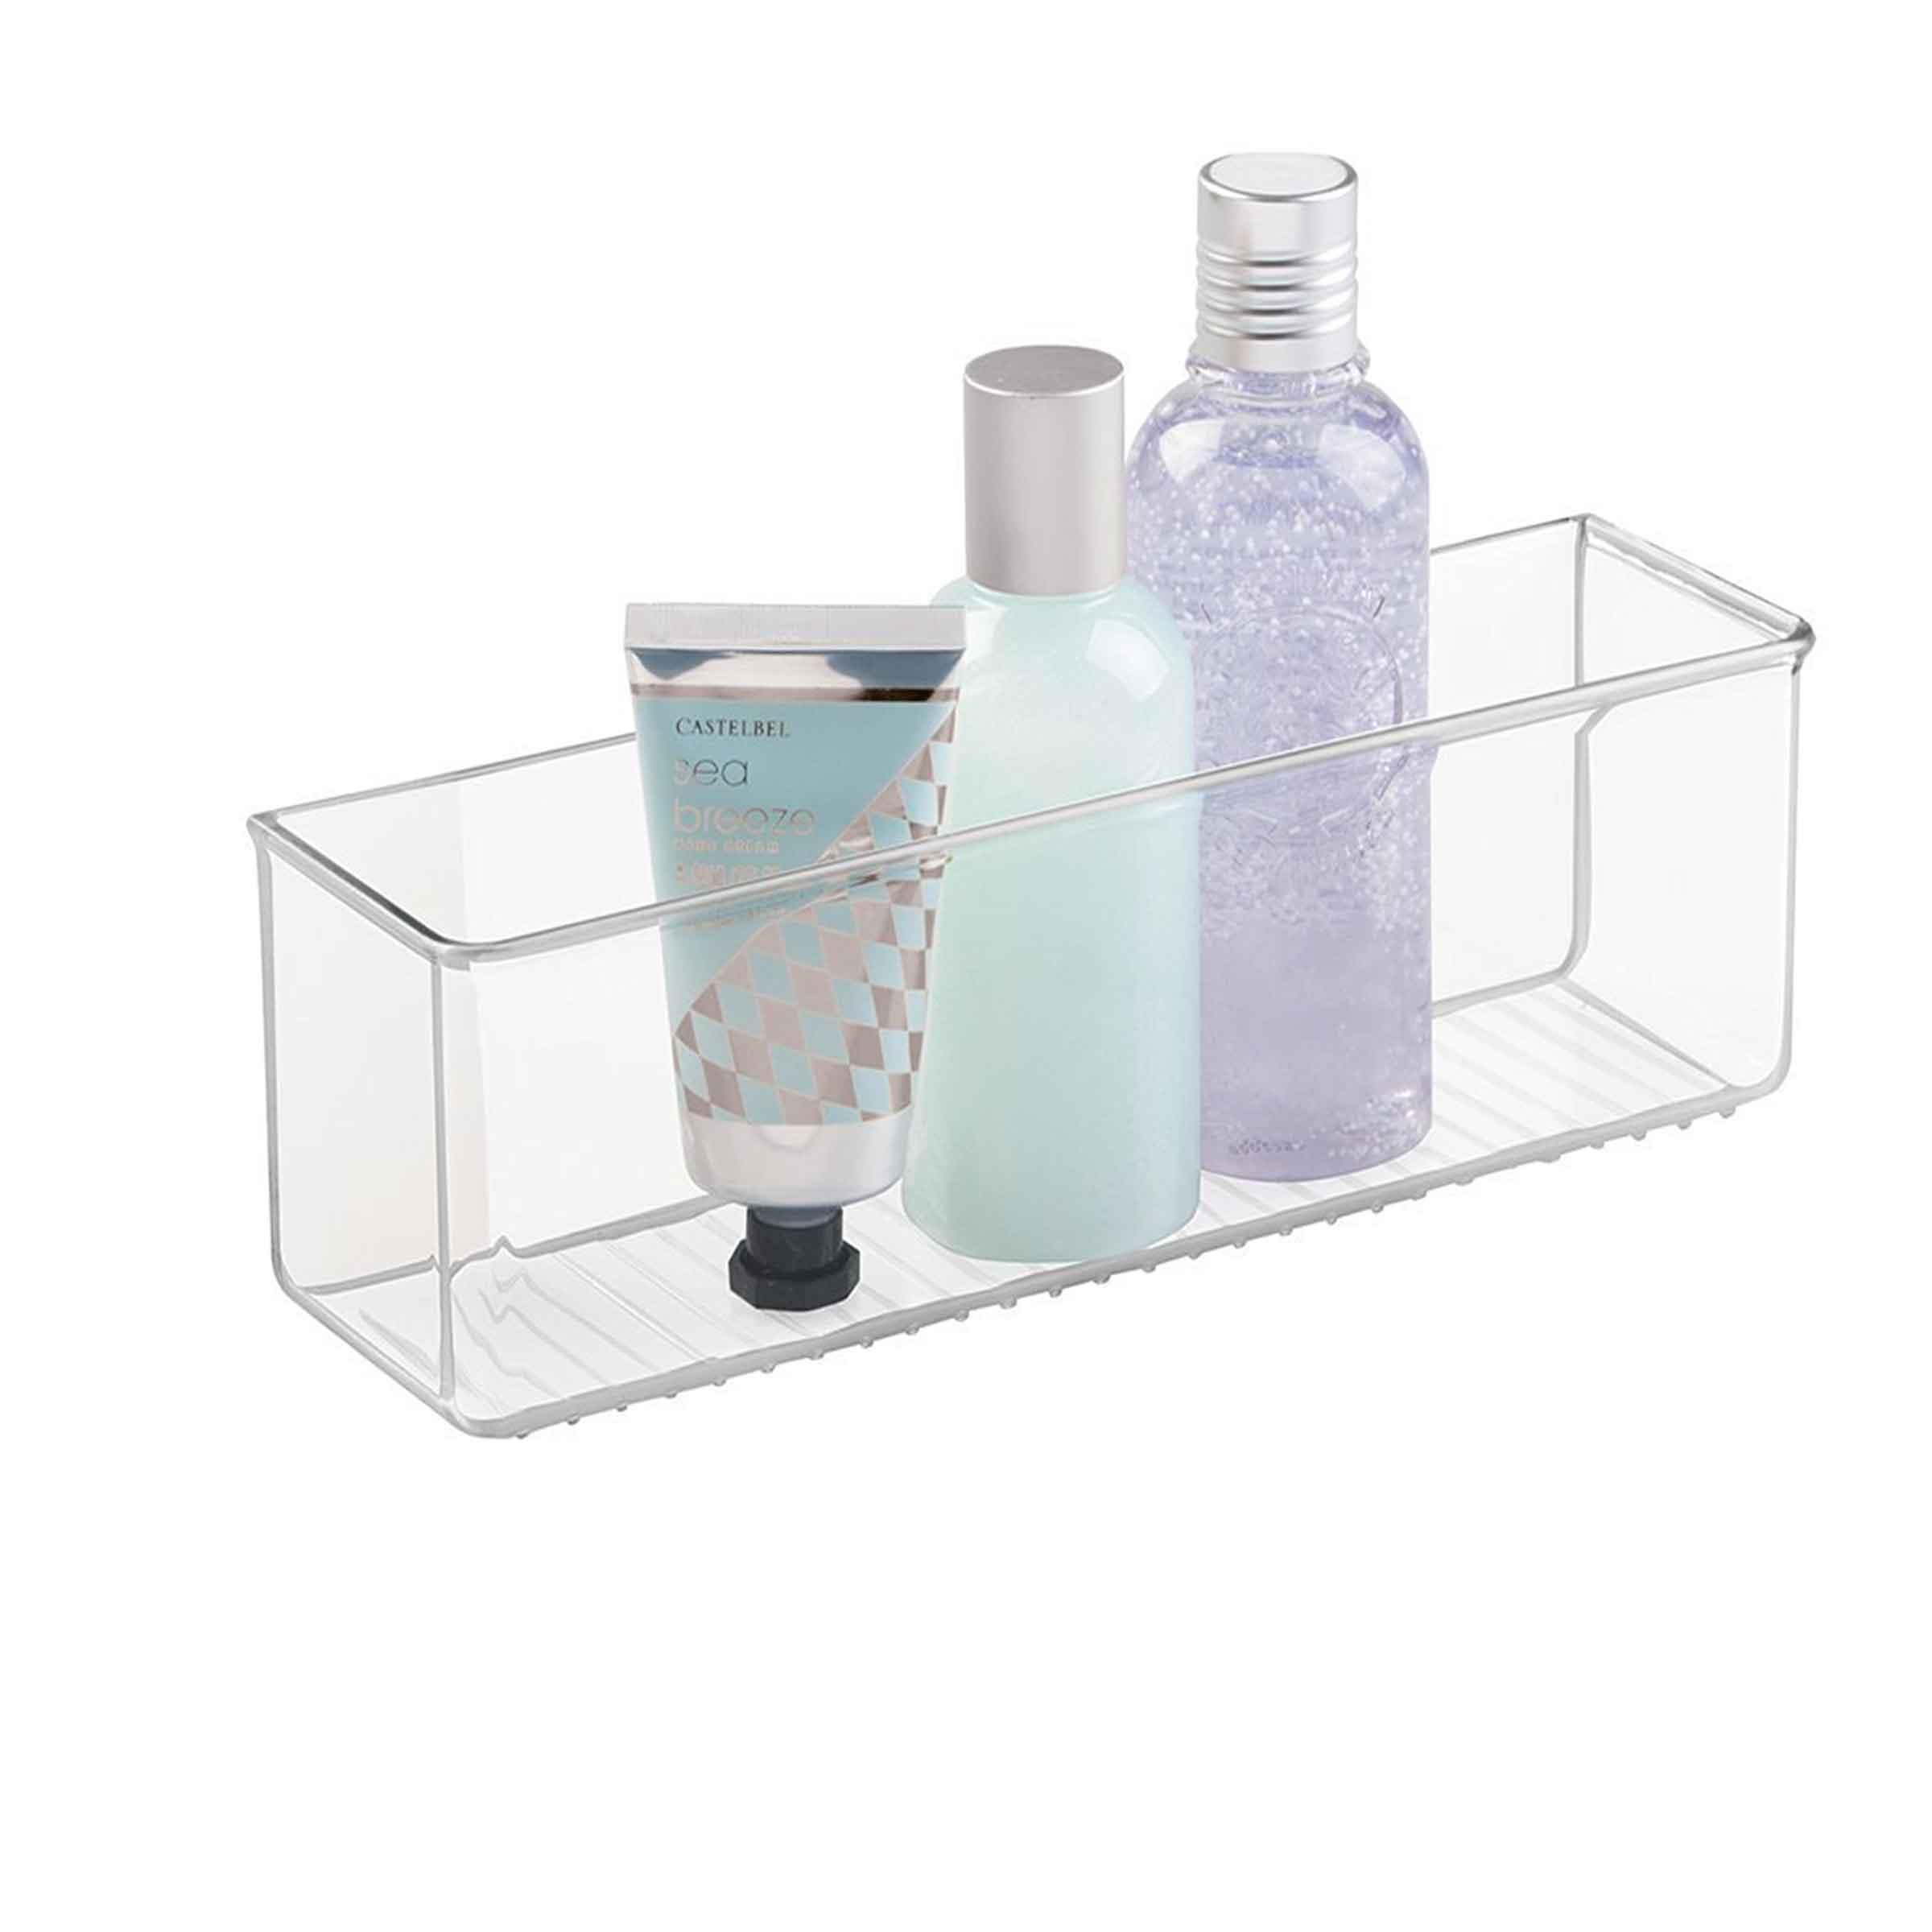 Bac de rangement adhésif pour salle de bain en plastique transparent taille L